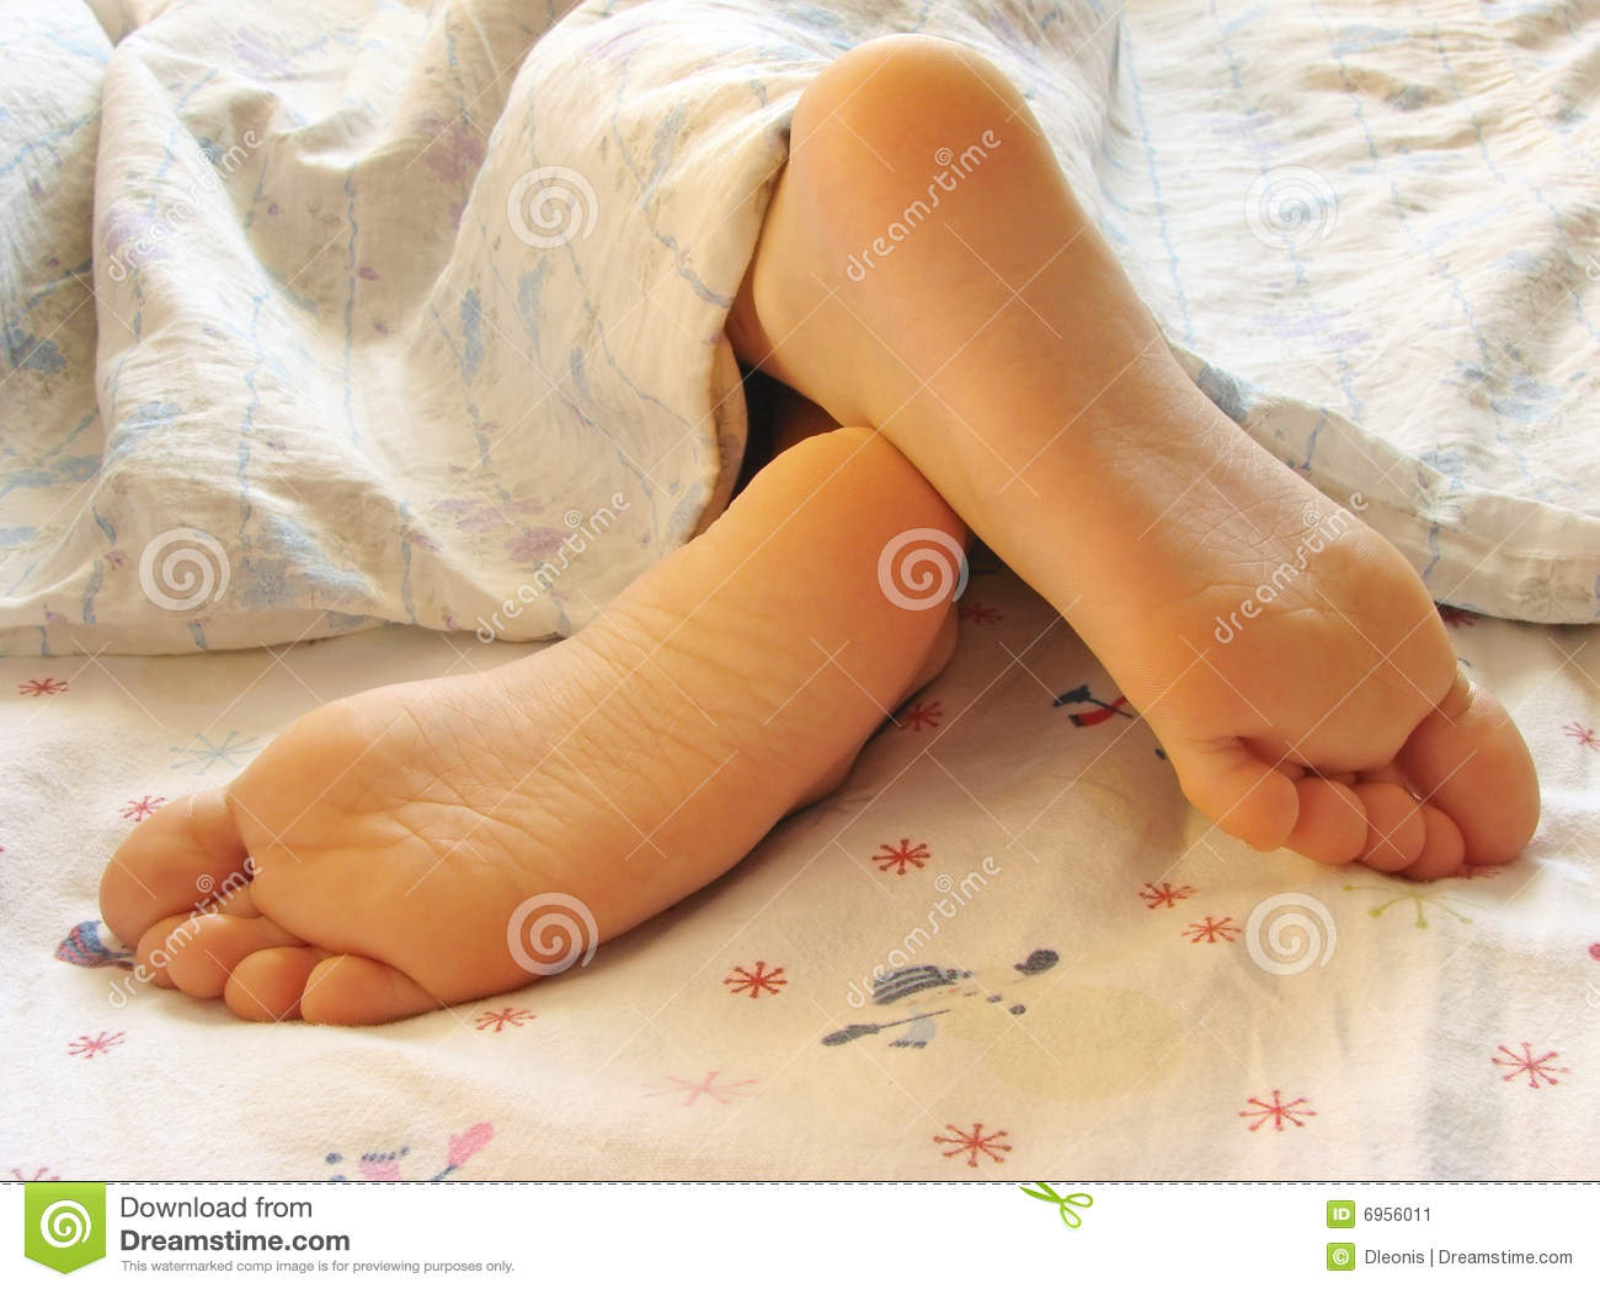 Фото мамины ноги 14 фотография